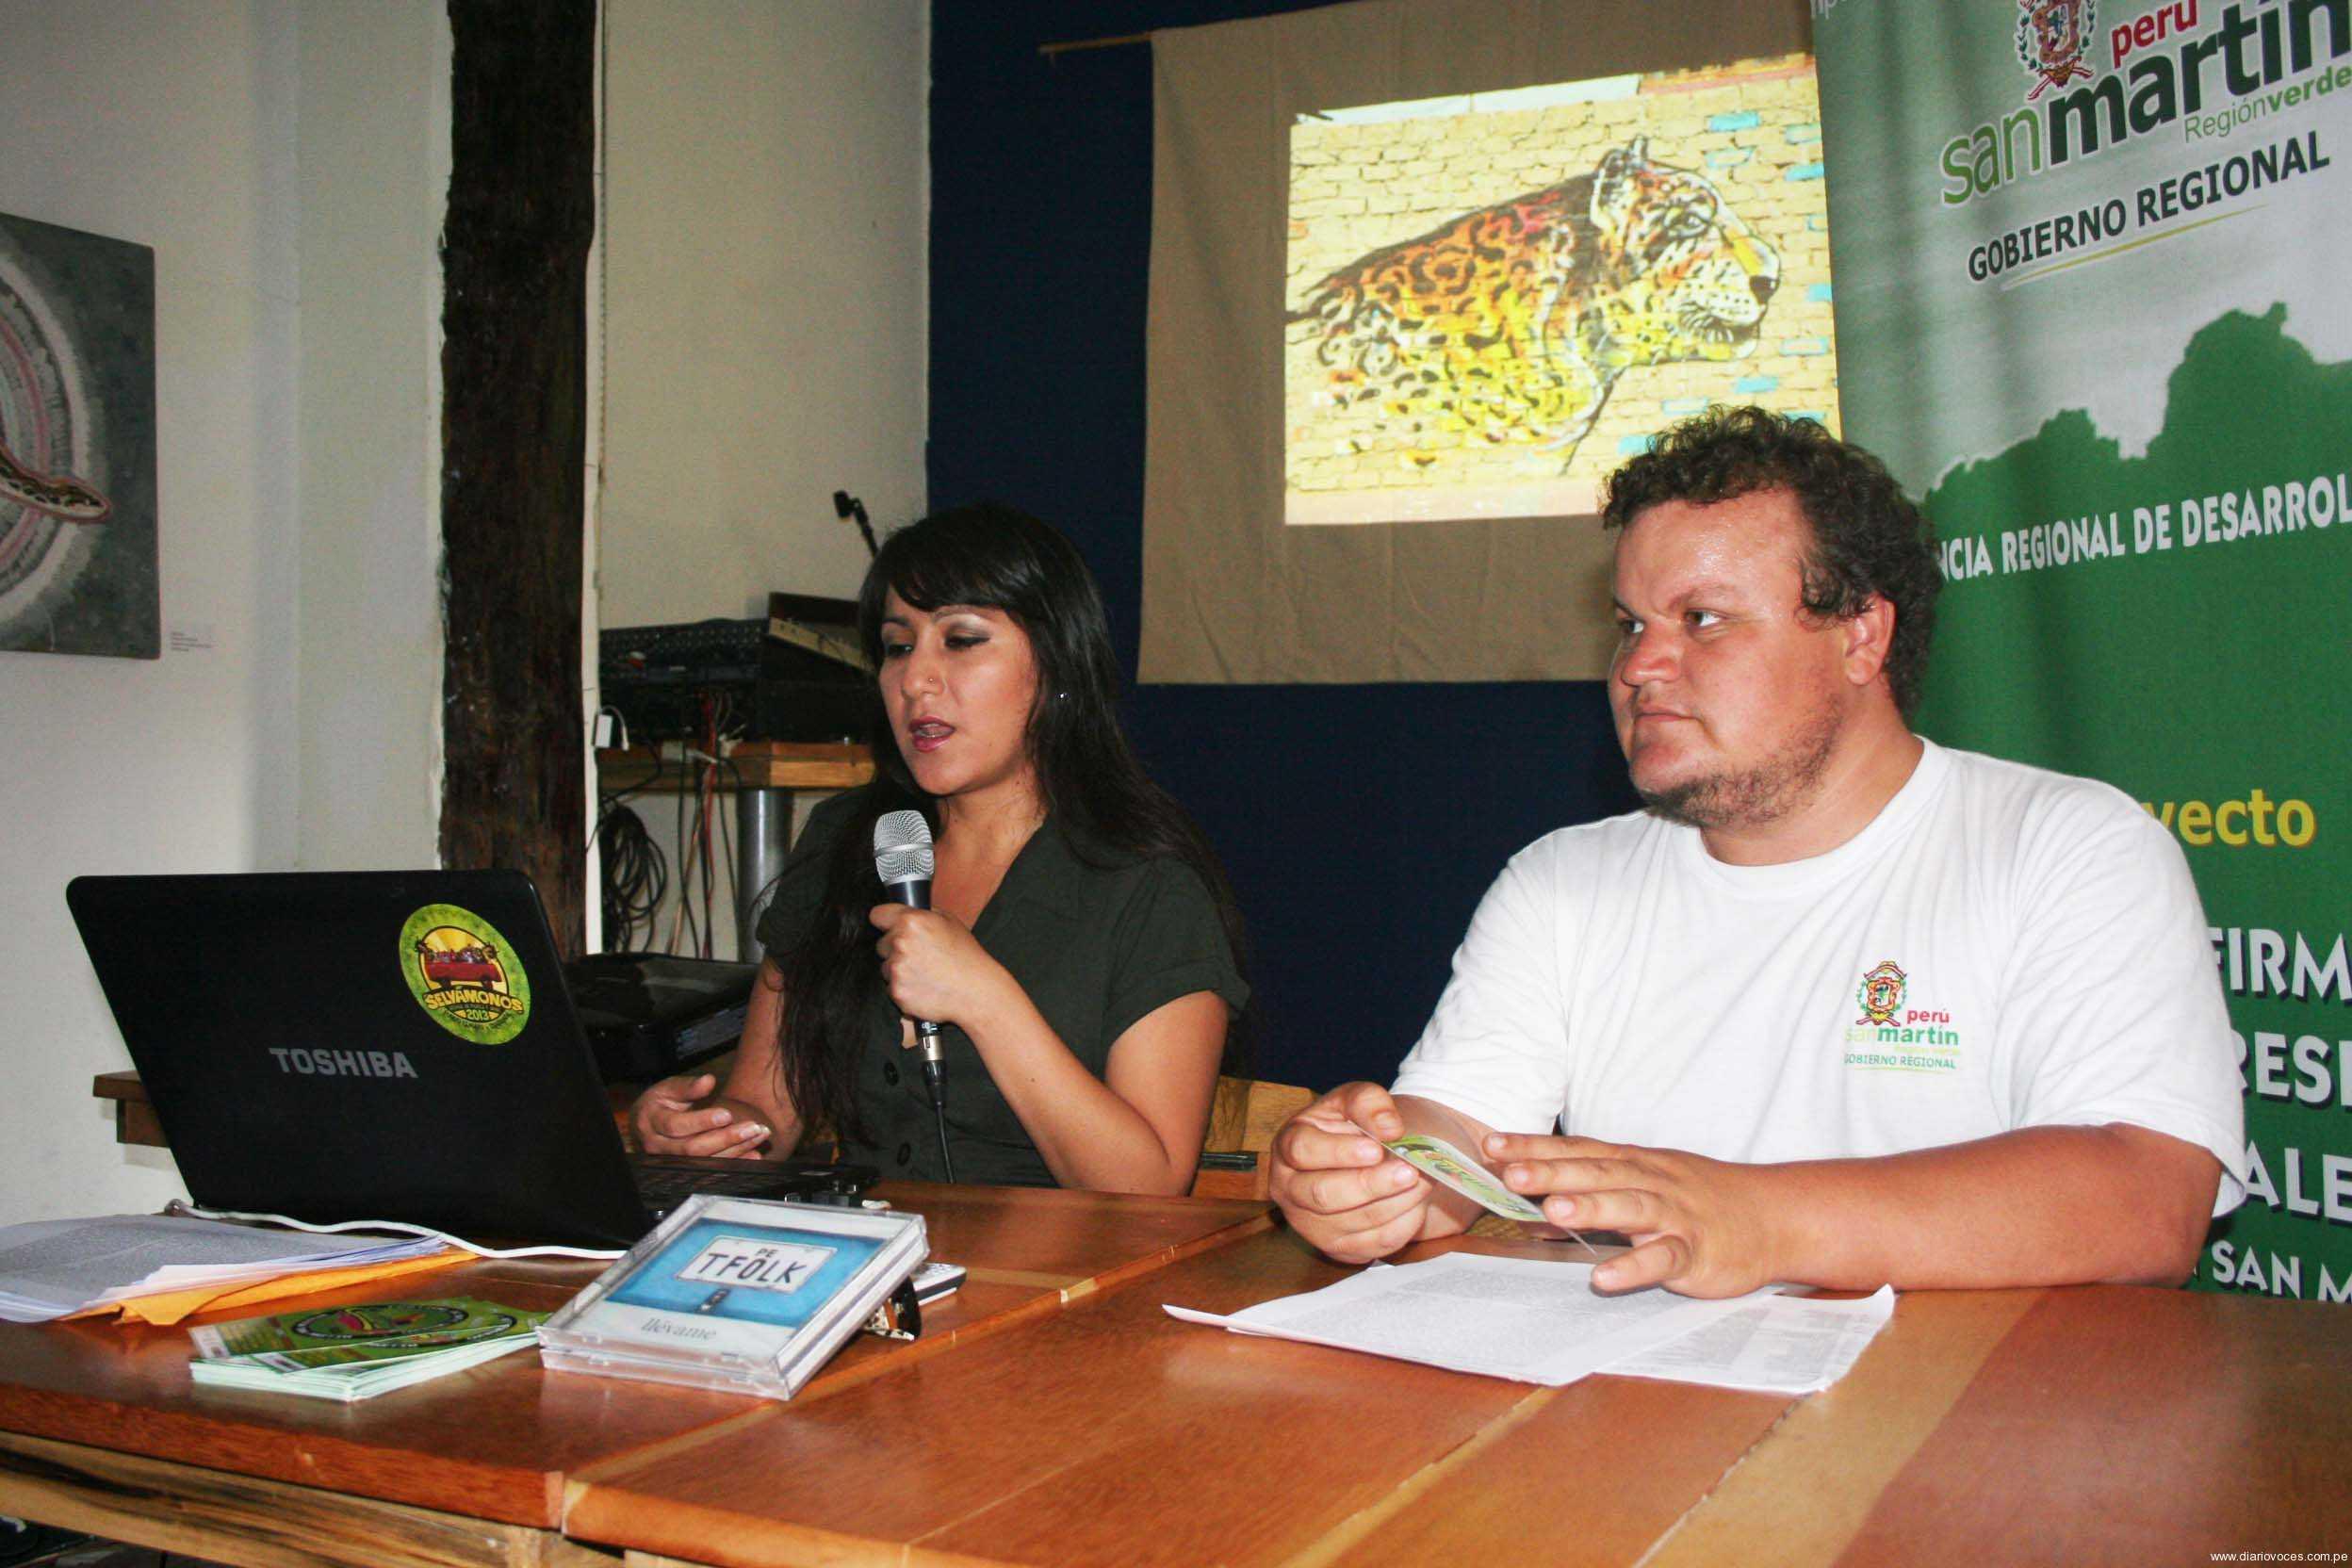 Explosión de arte en San Martín  del 16 al 24 de agosto